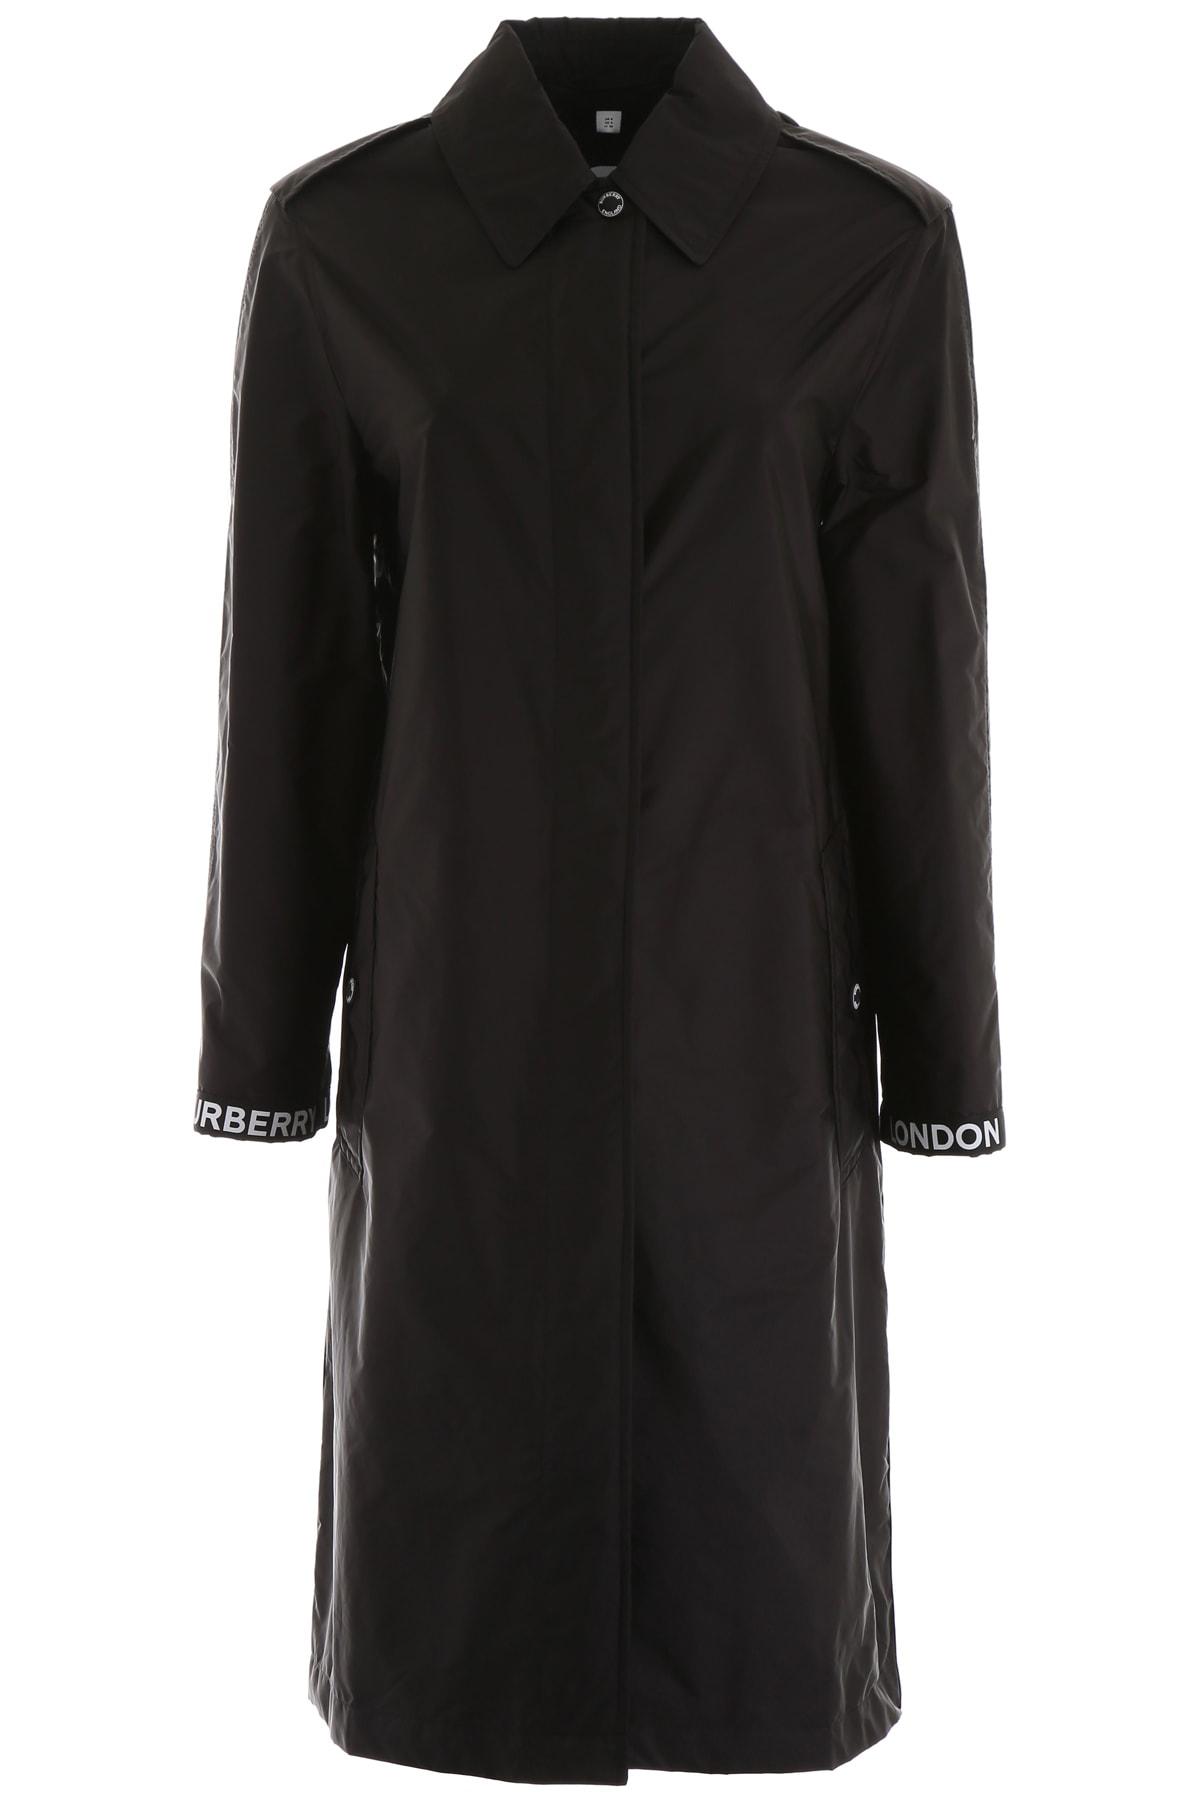 Burberry Padstow Coat